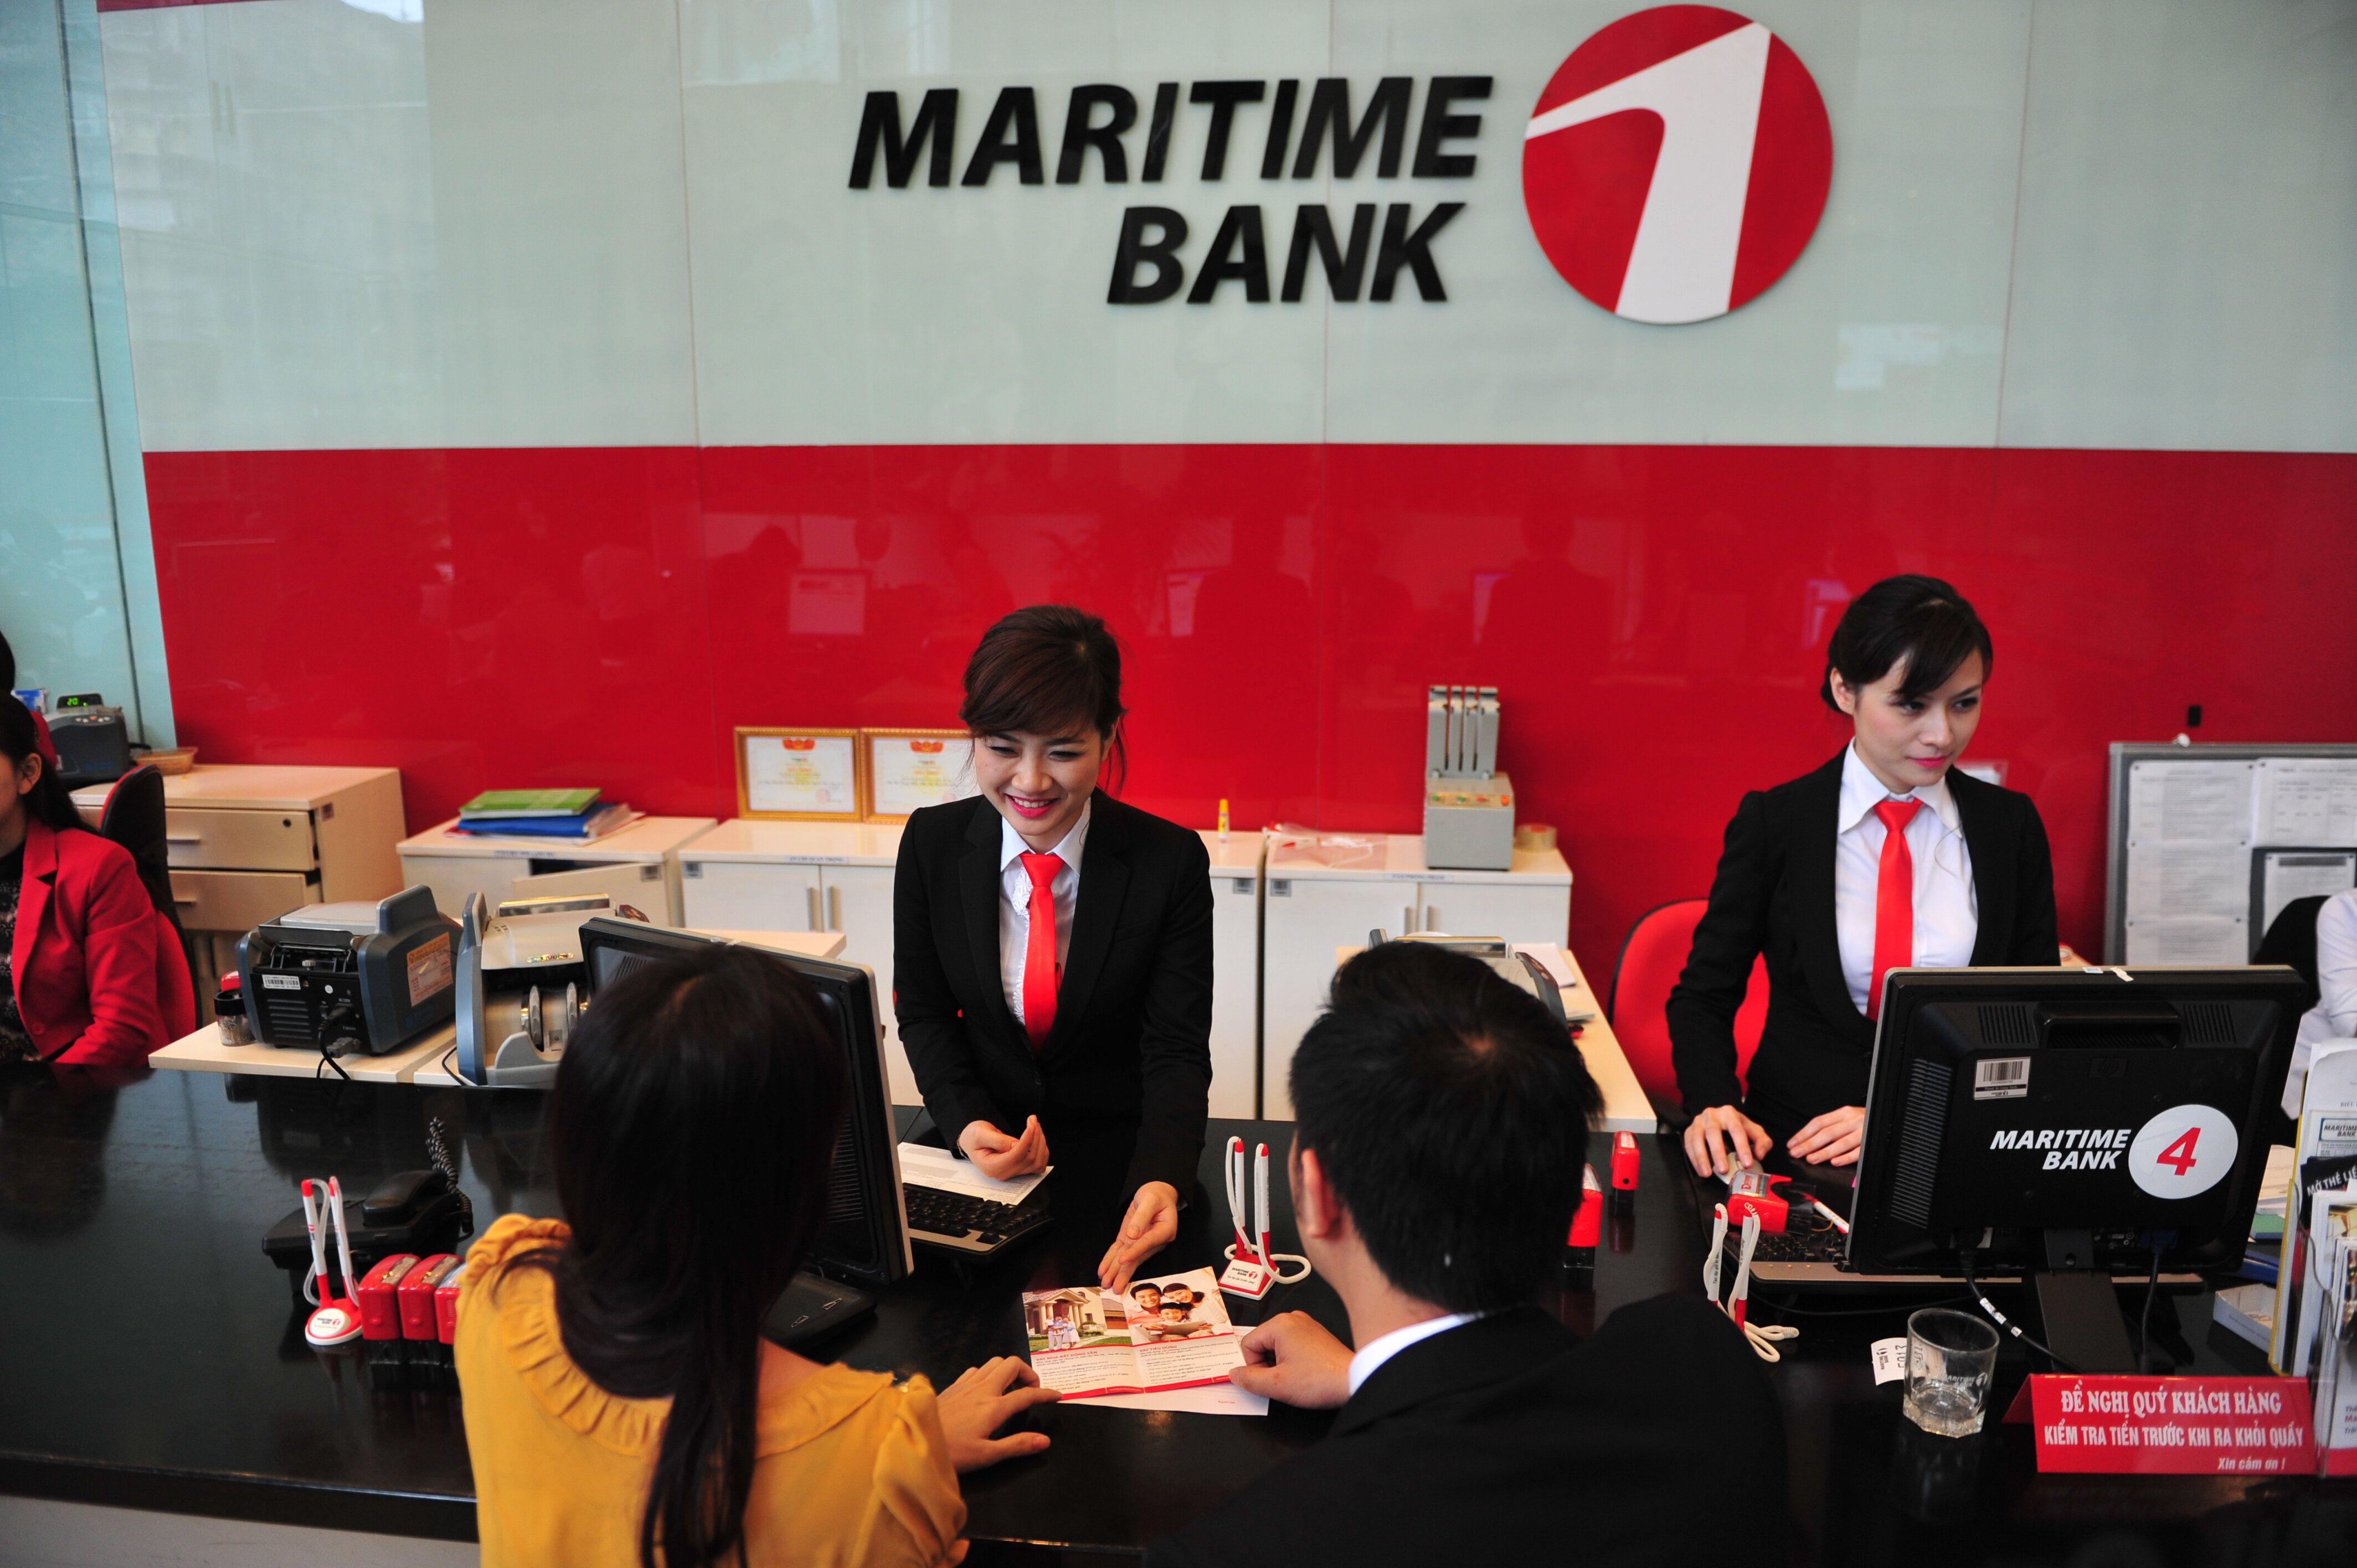 Khách hàng gửi tiết kiệm tại ngân hàng Maritime Bank